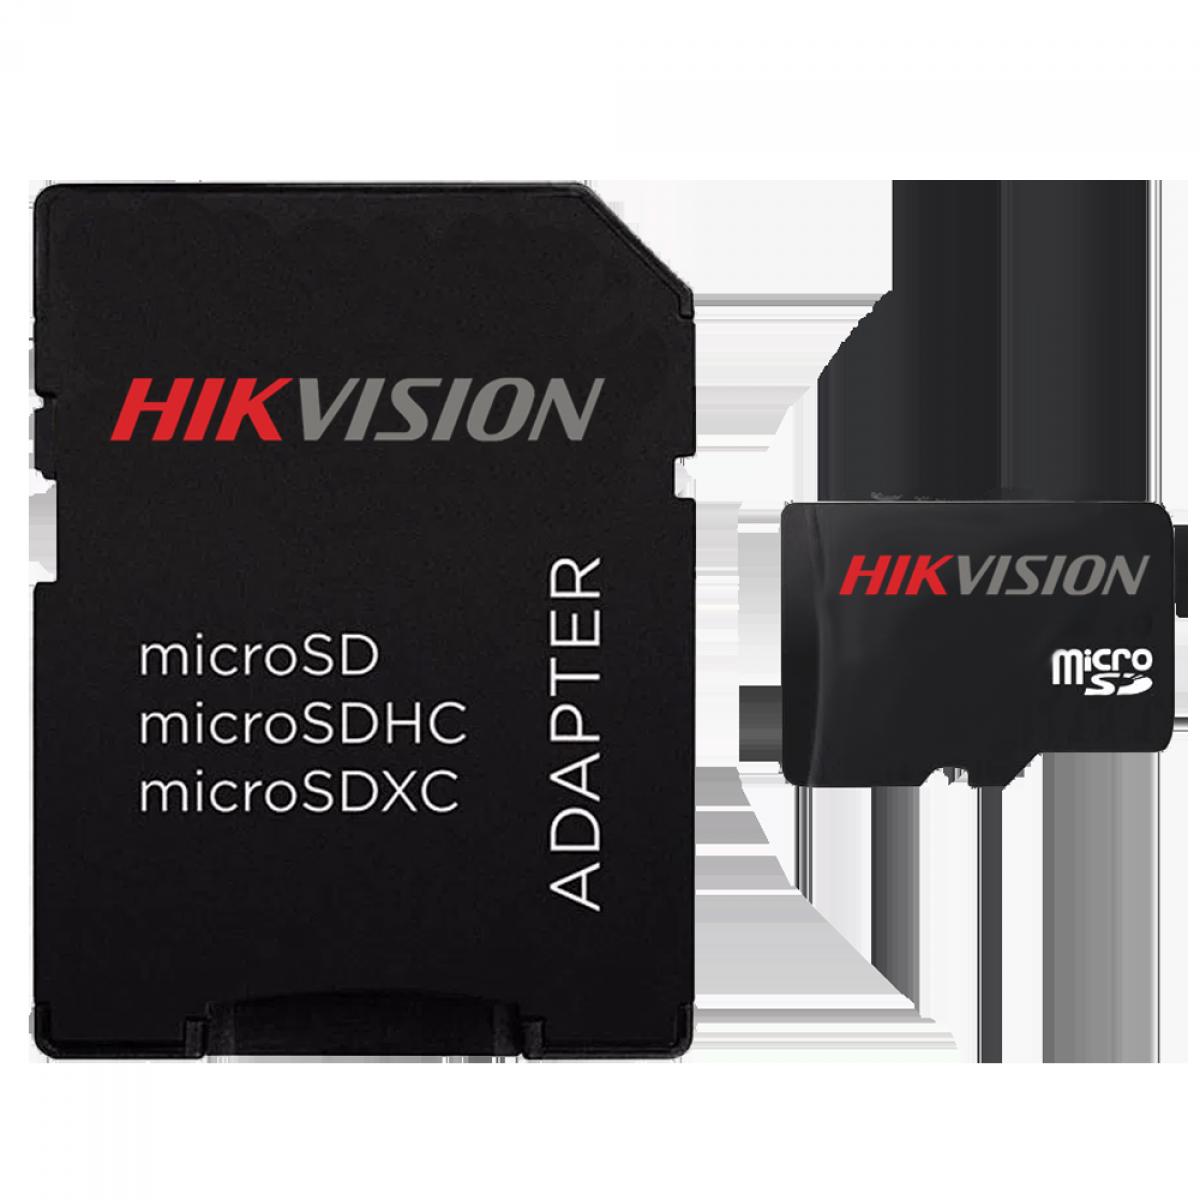 Cartão de Memória Hikvision Micro SDHC 16GB, Class 10, HS-TF-C1/16G - COM ADAPTADOR